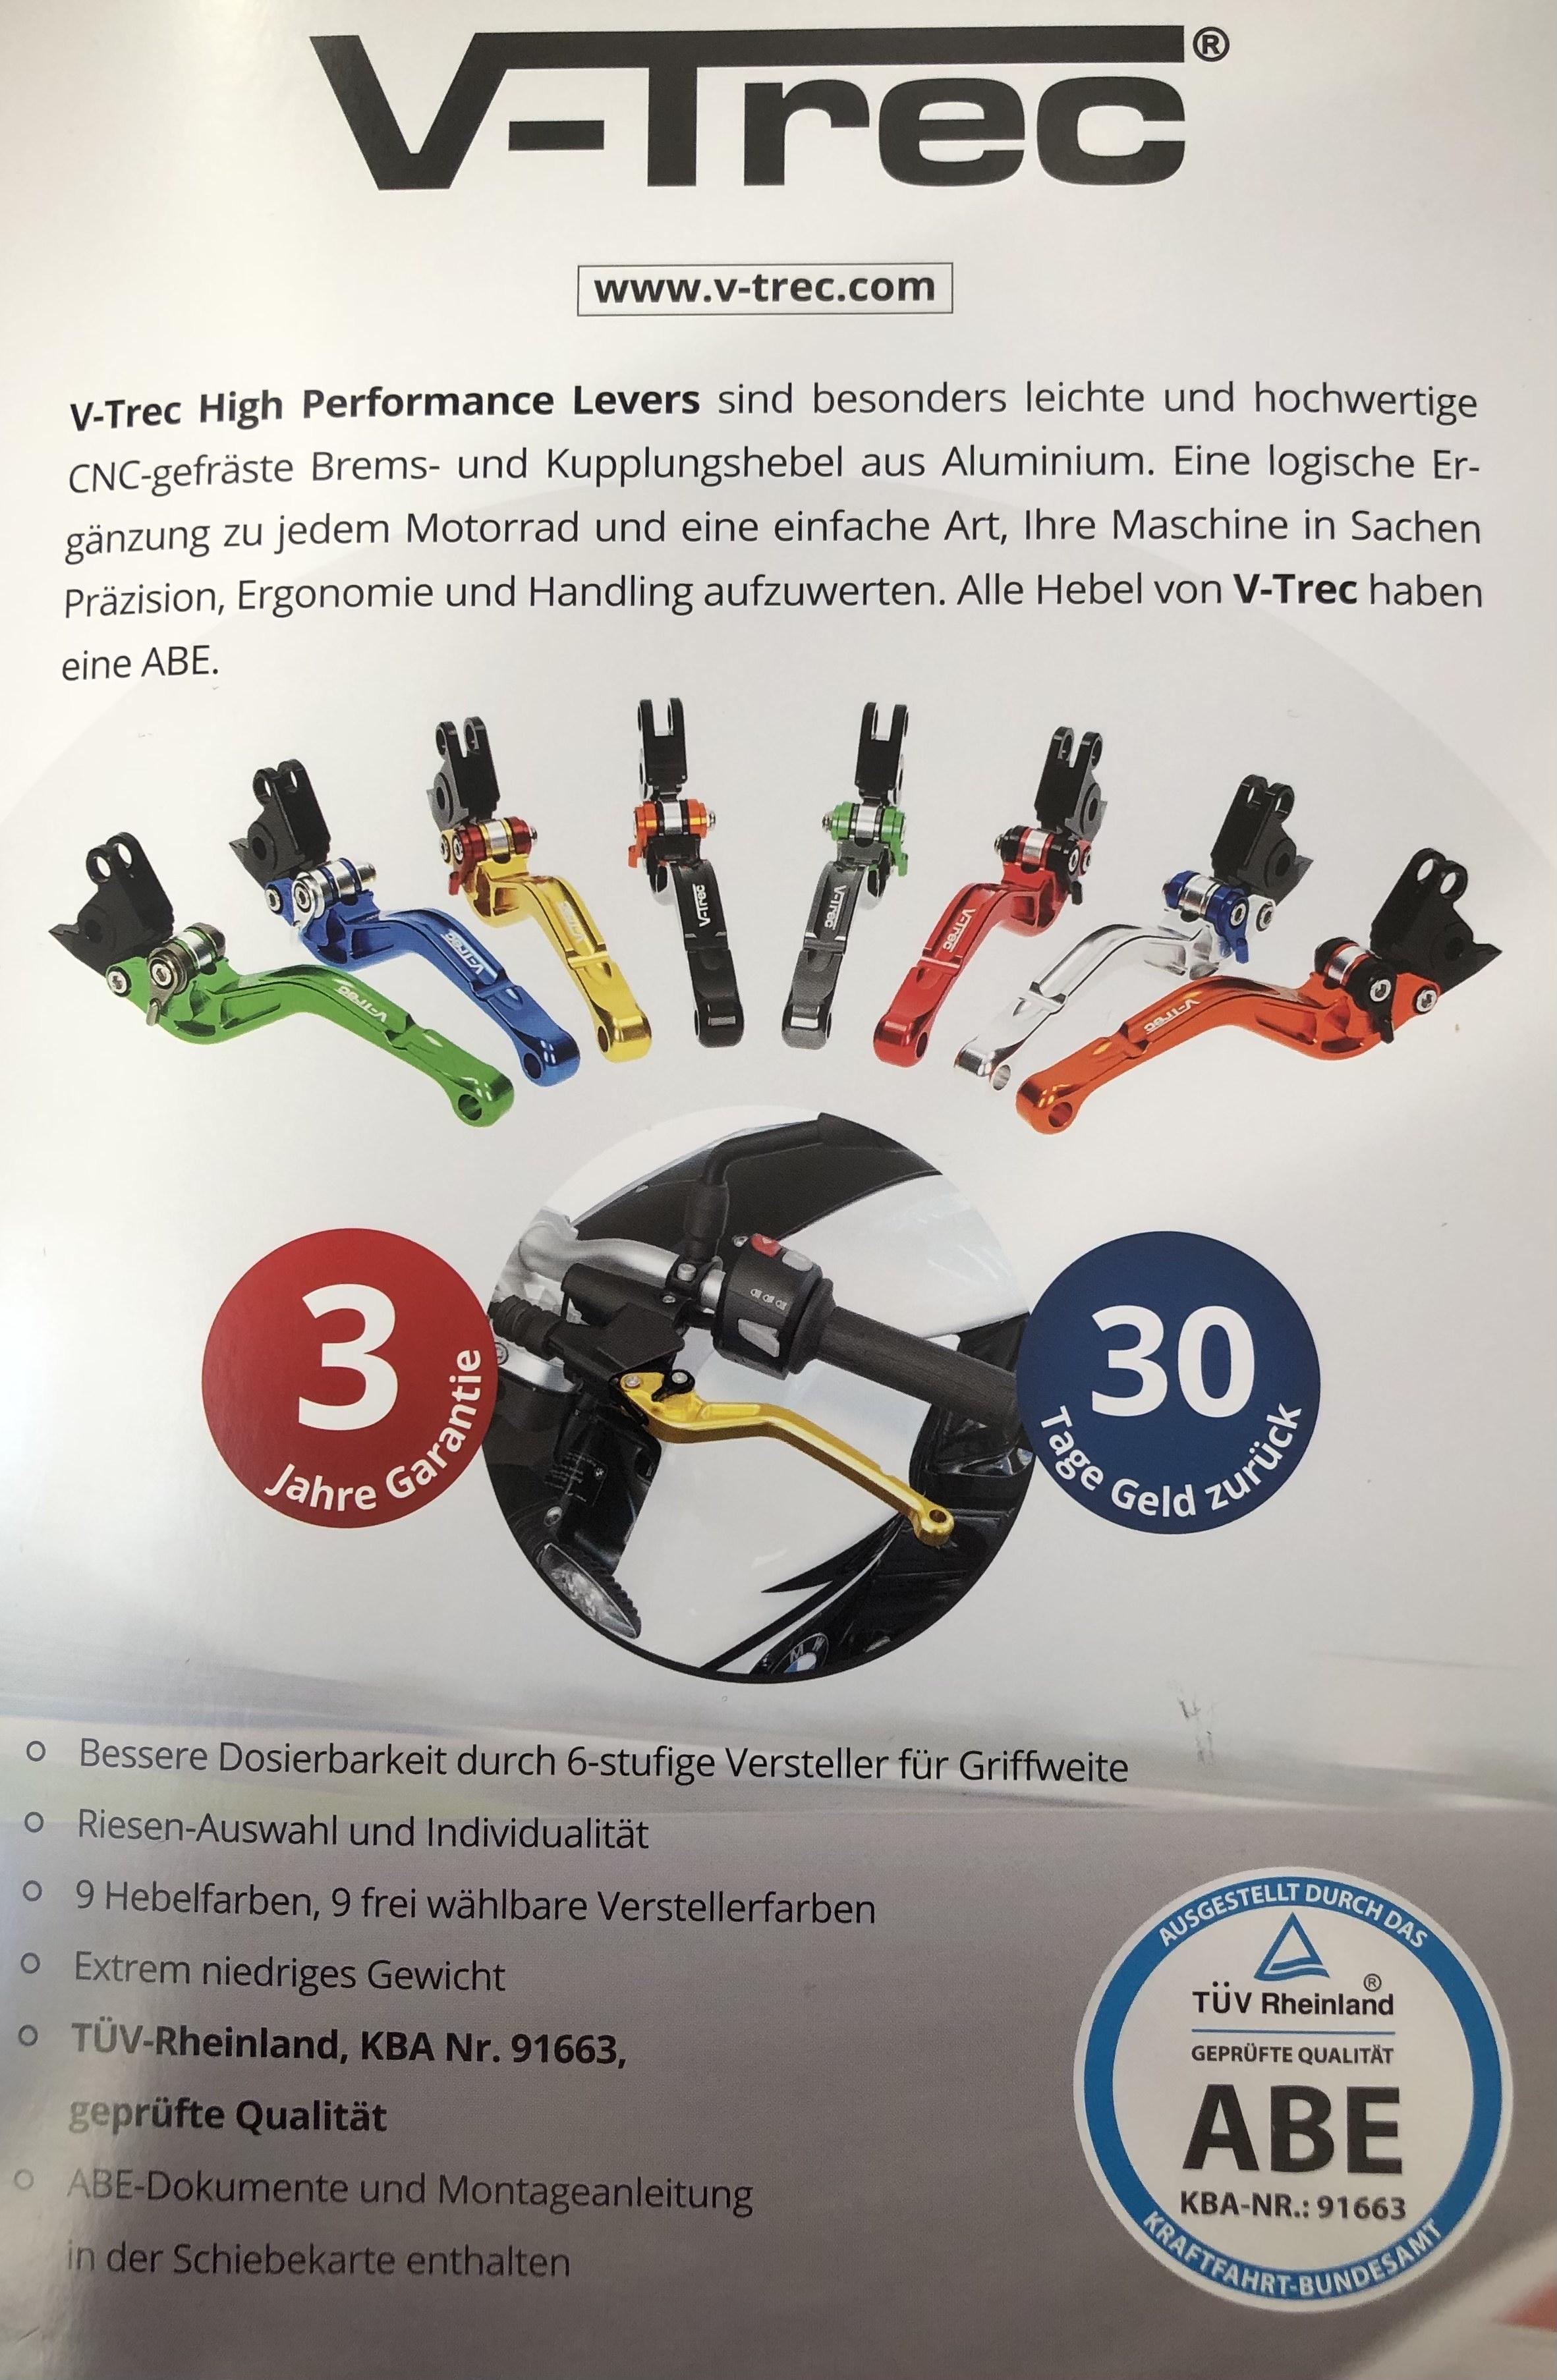 FROSTZEIT o.O [Motea] 25% auf alles (Motorrad-Zubehör) z.B. V-Trec Brems- und Kupplungshebel mit ABE